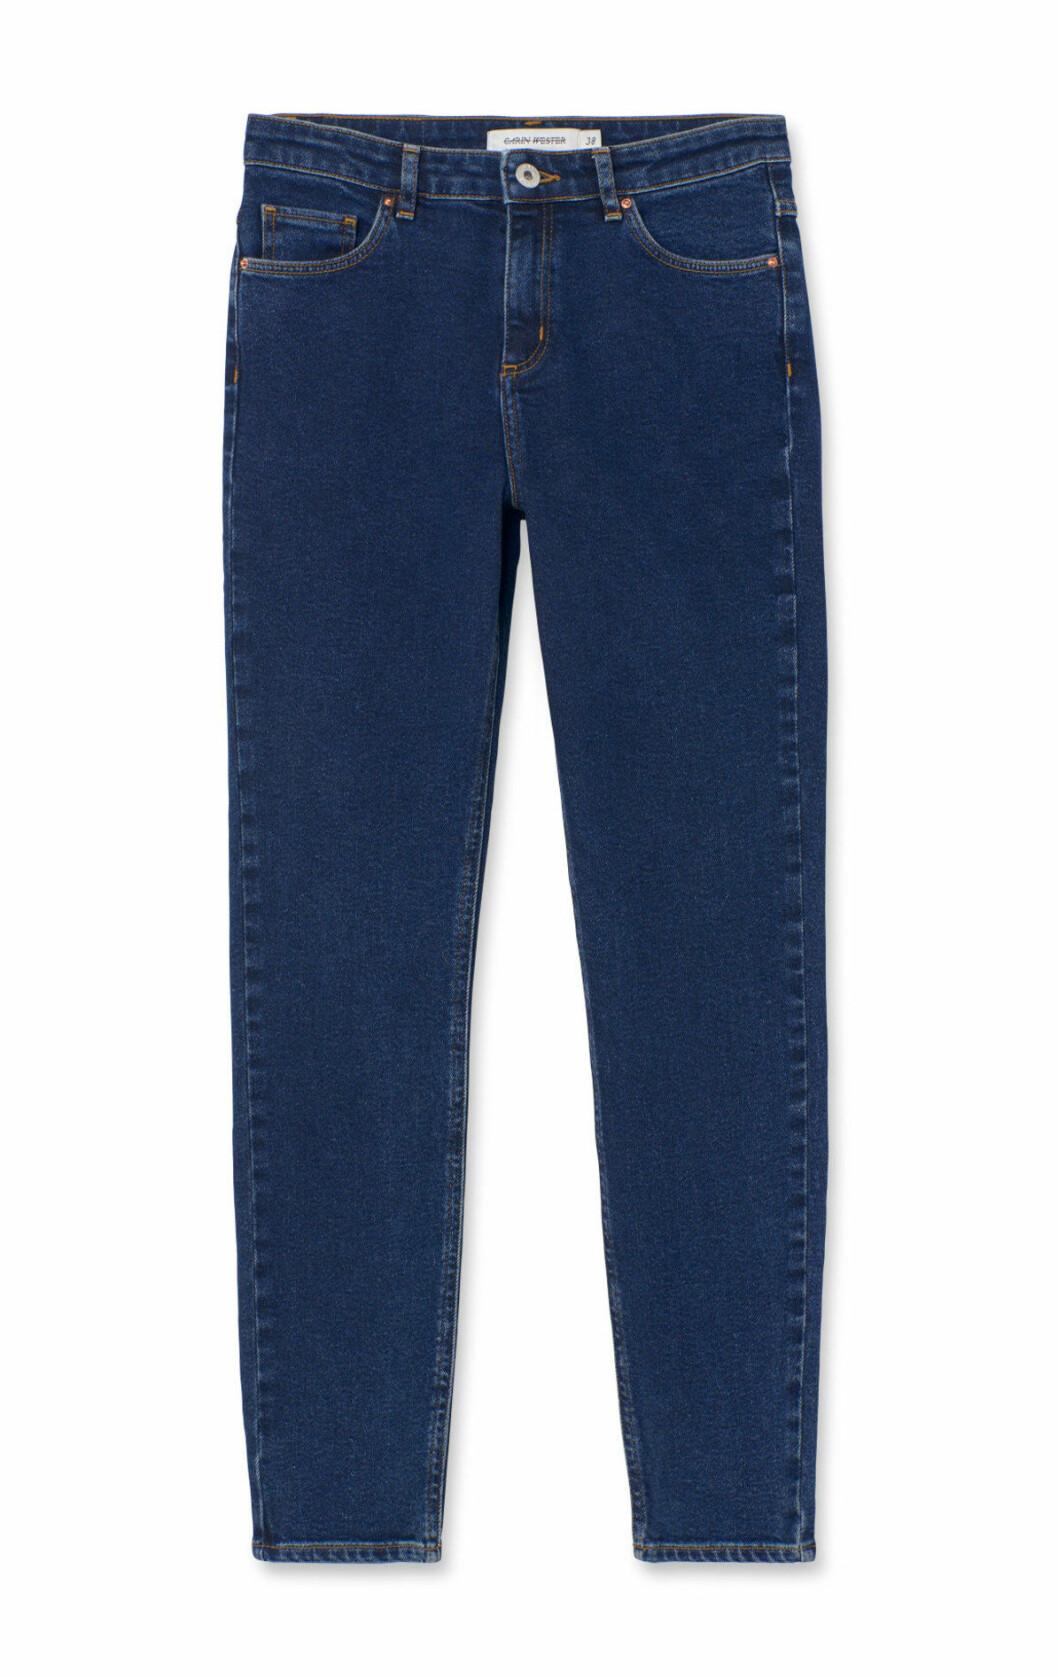 Jeans för dam till våren 2019, med smala ben, stuprörsjeans